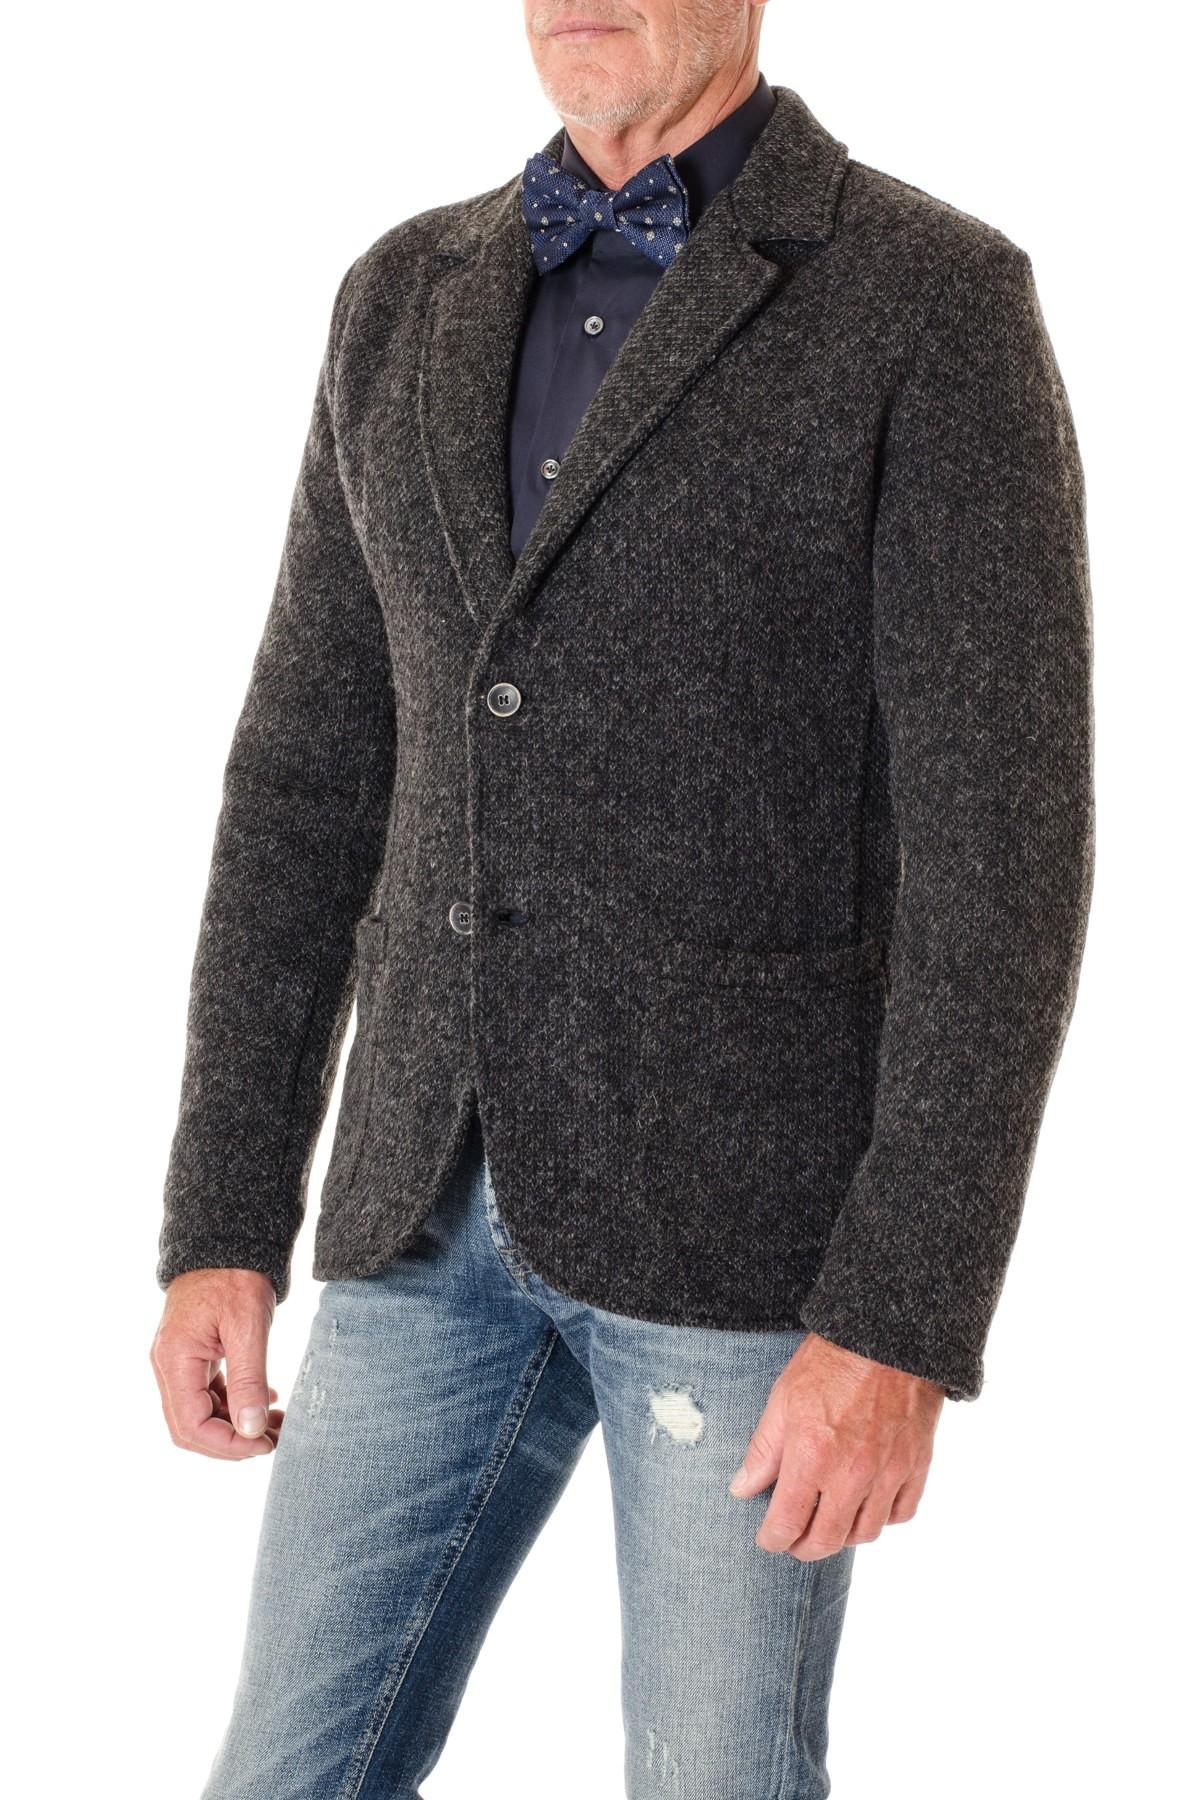 Cardigan a giacca uomo – Vestiti alla moda per la gioventù b3ad31c0a18